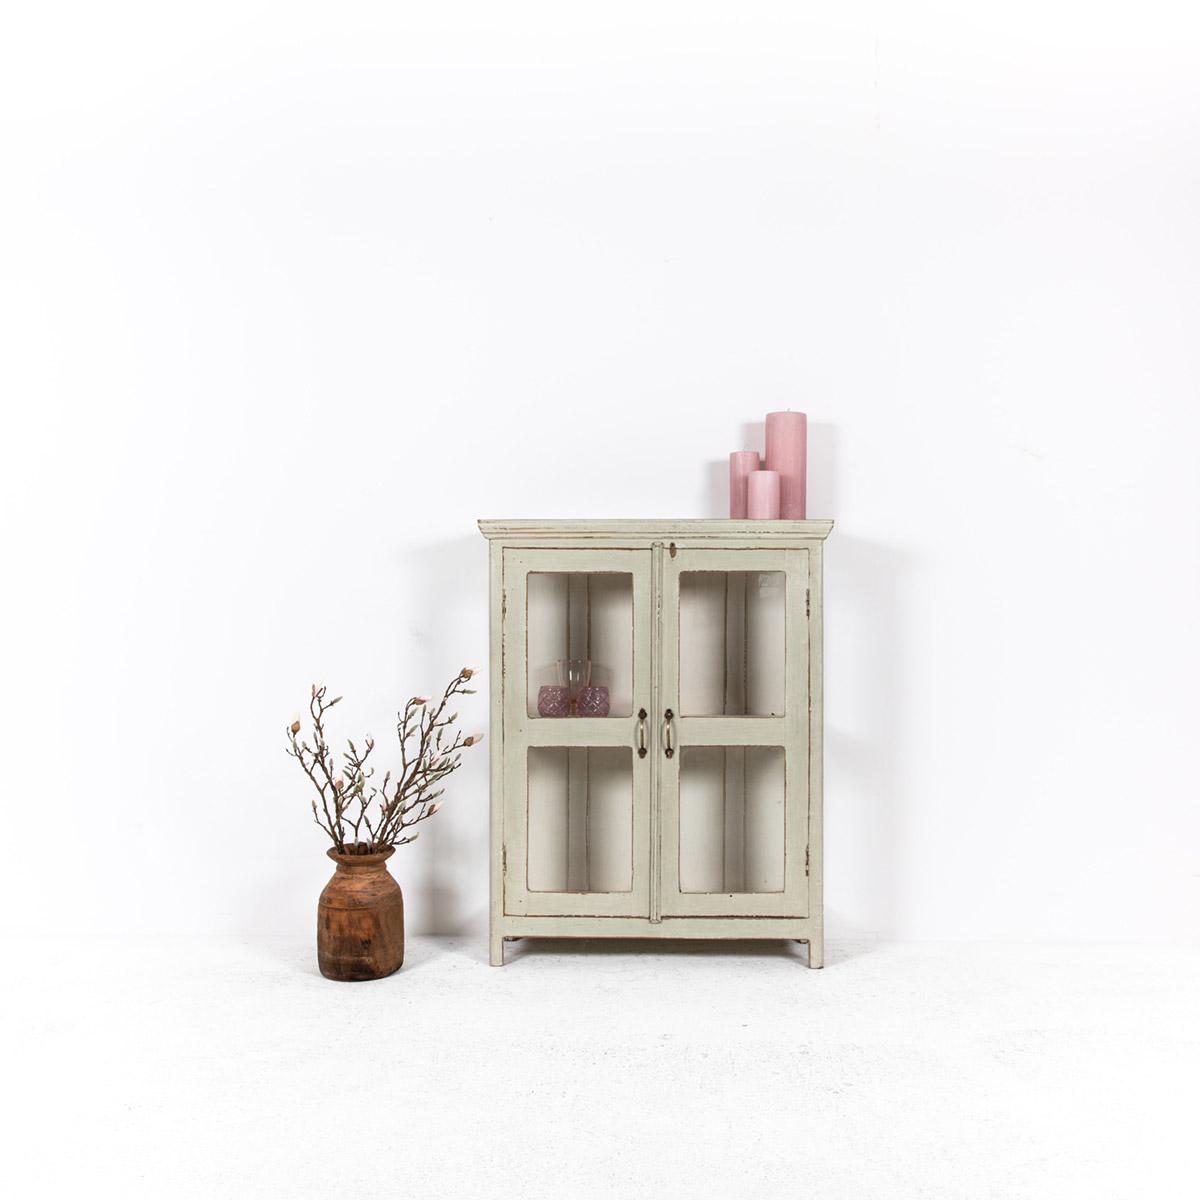 Vitrinekast-2-glazen-deuren-oud-groengrijs-1